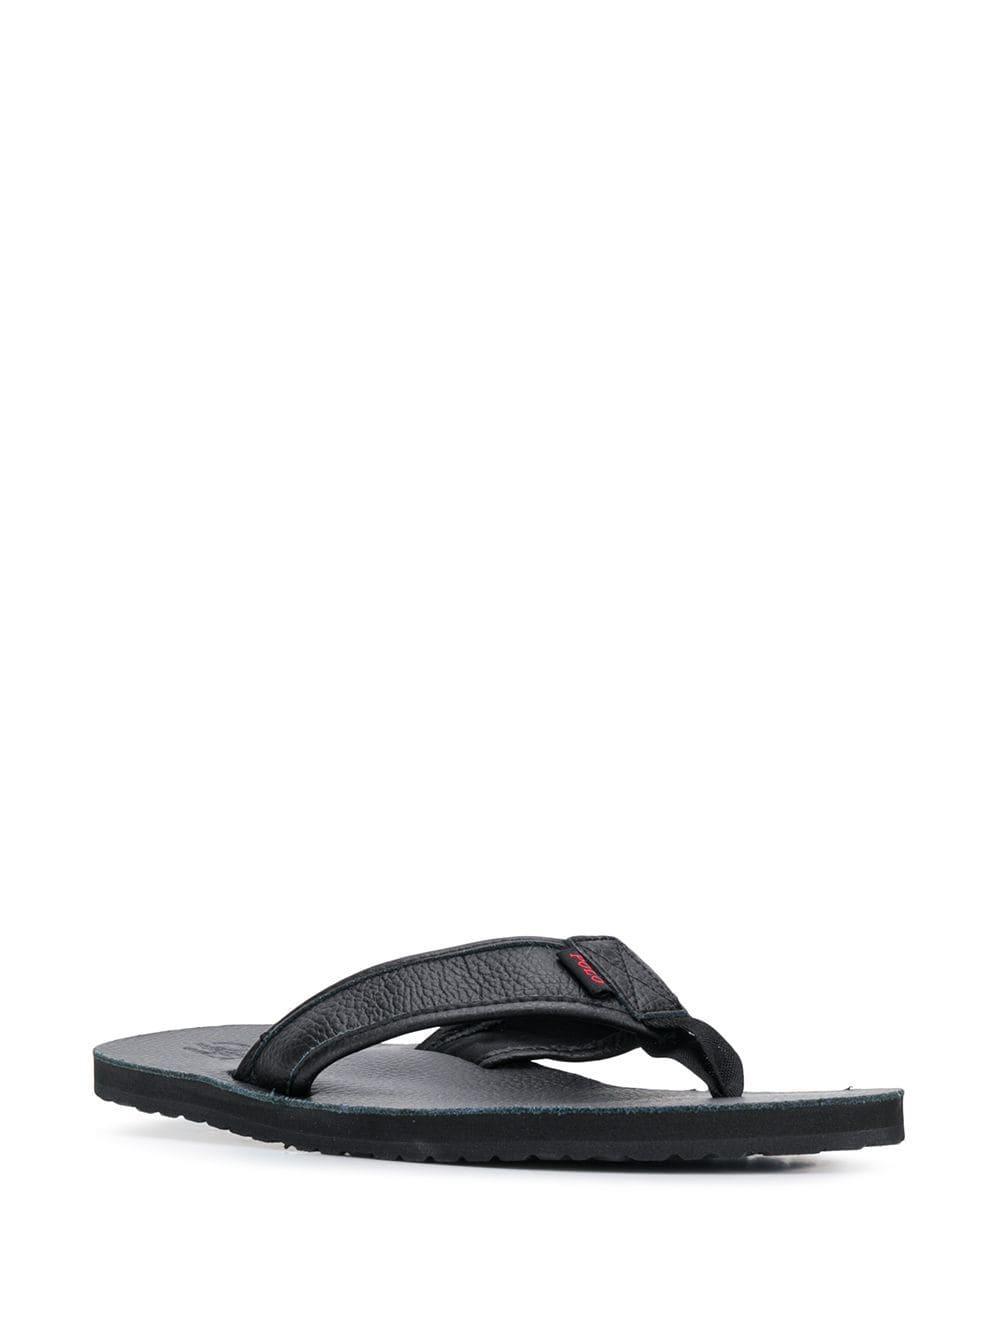 f135345fbe2a Polo Ralph Lauren Embossed Logo Flip-flops in Black for Men - Lyst